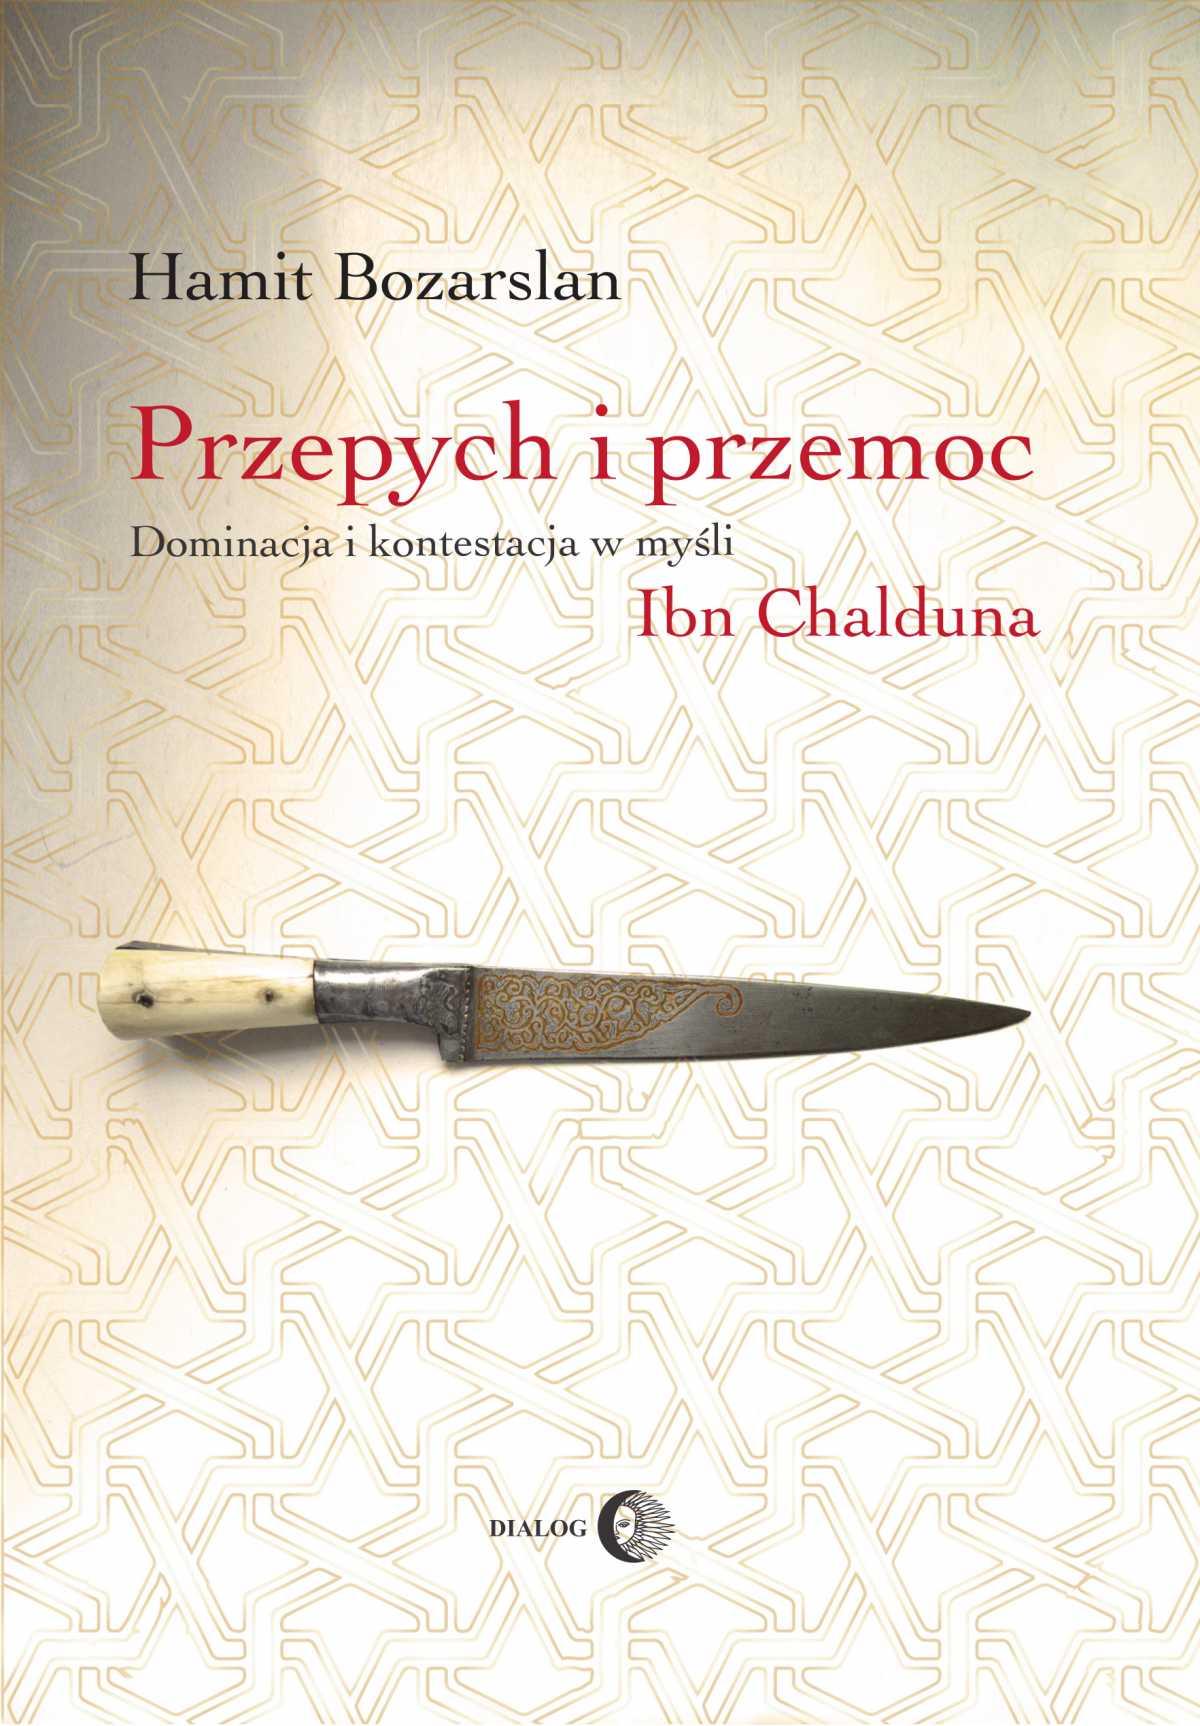 Przepych i przemoc. Dominacja i kontestacja w myśli Ibn Chalduna - Ebook (Książka na Kindle) do pobrania w formacie MOBI